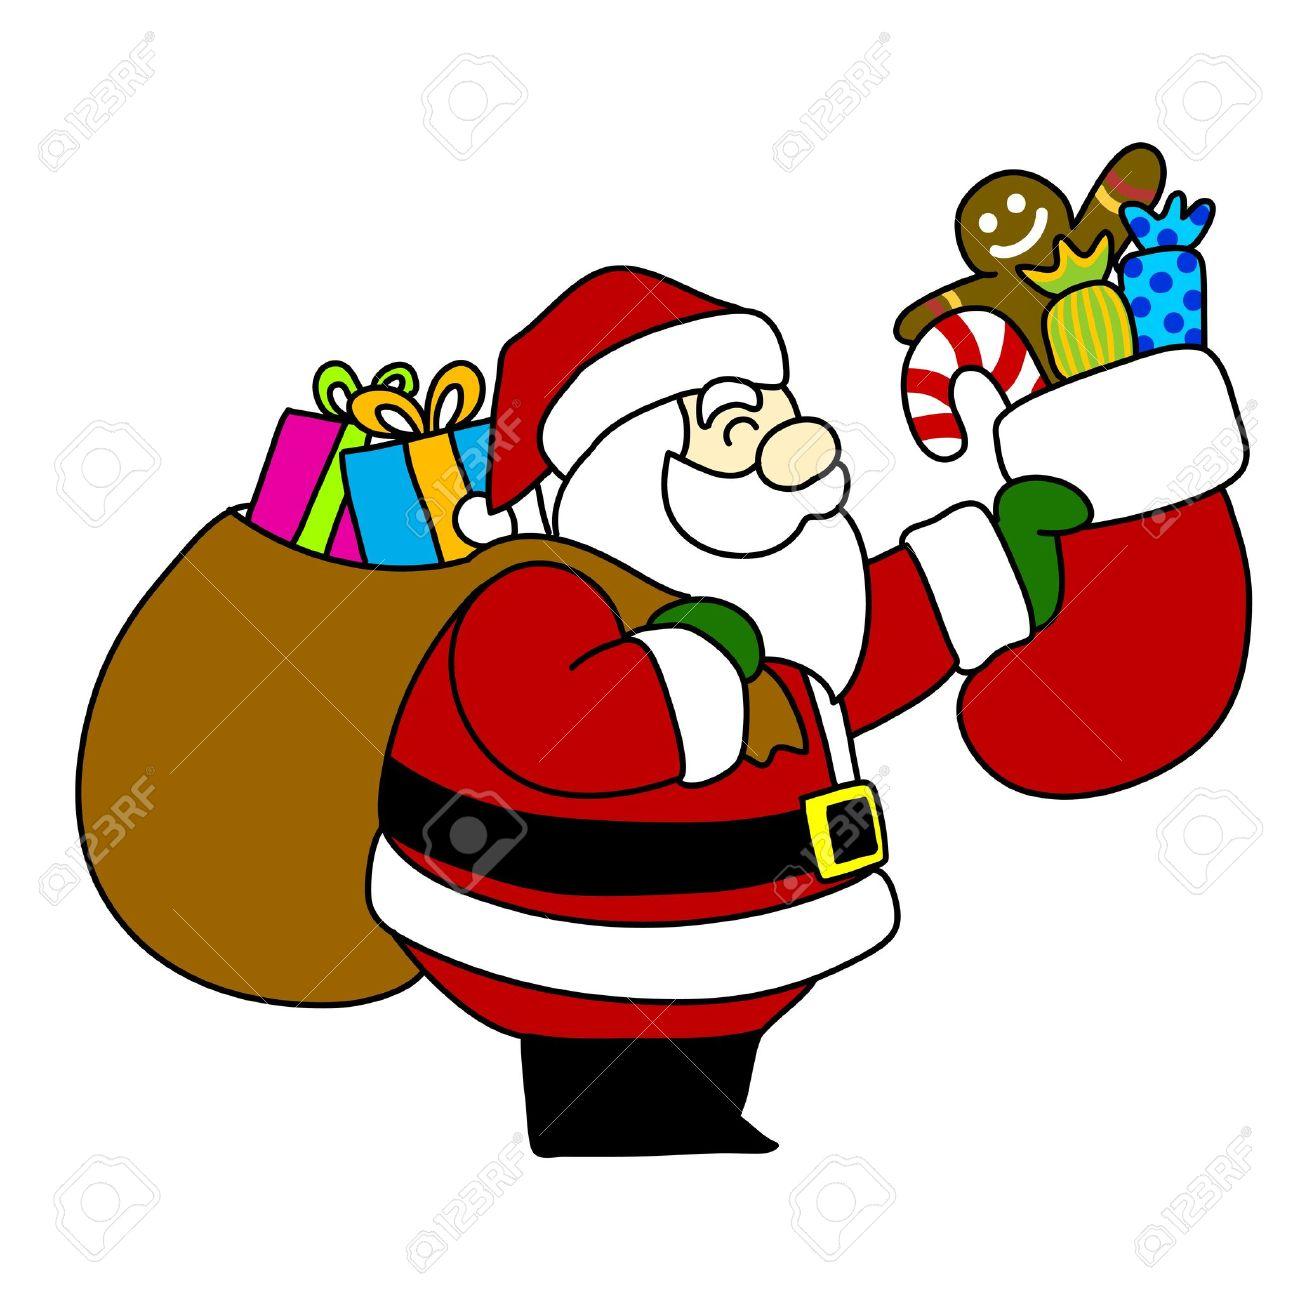 cartoon santa claus hand writing, royalty free cliparts, vectors